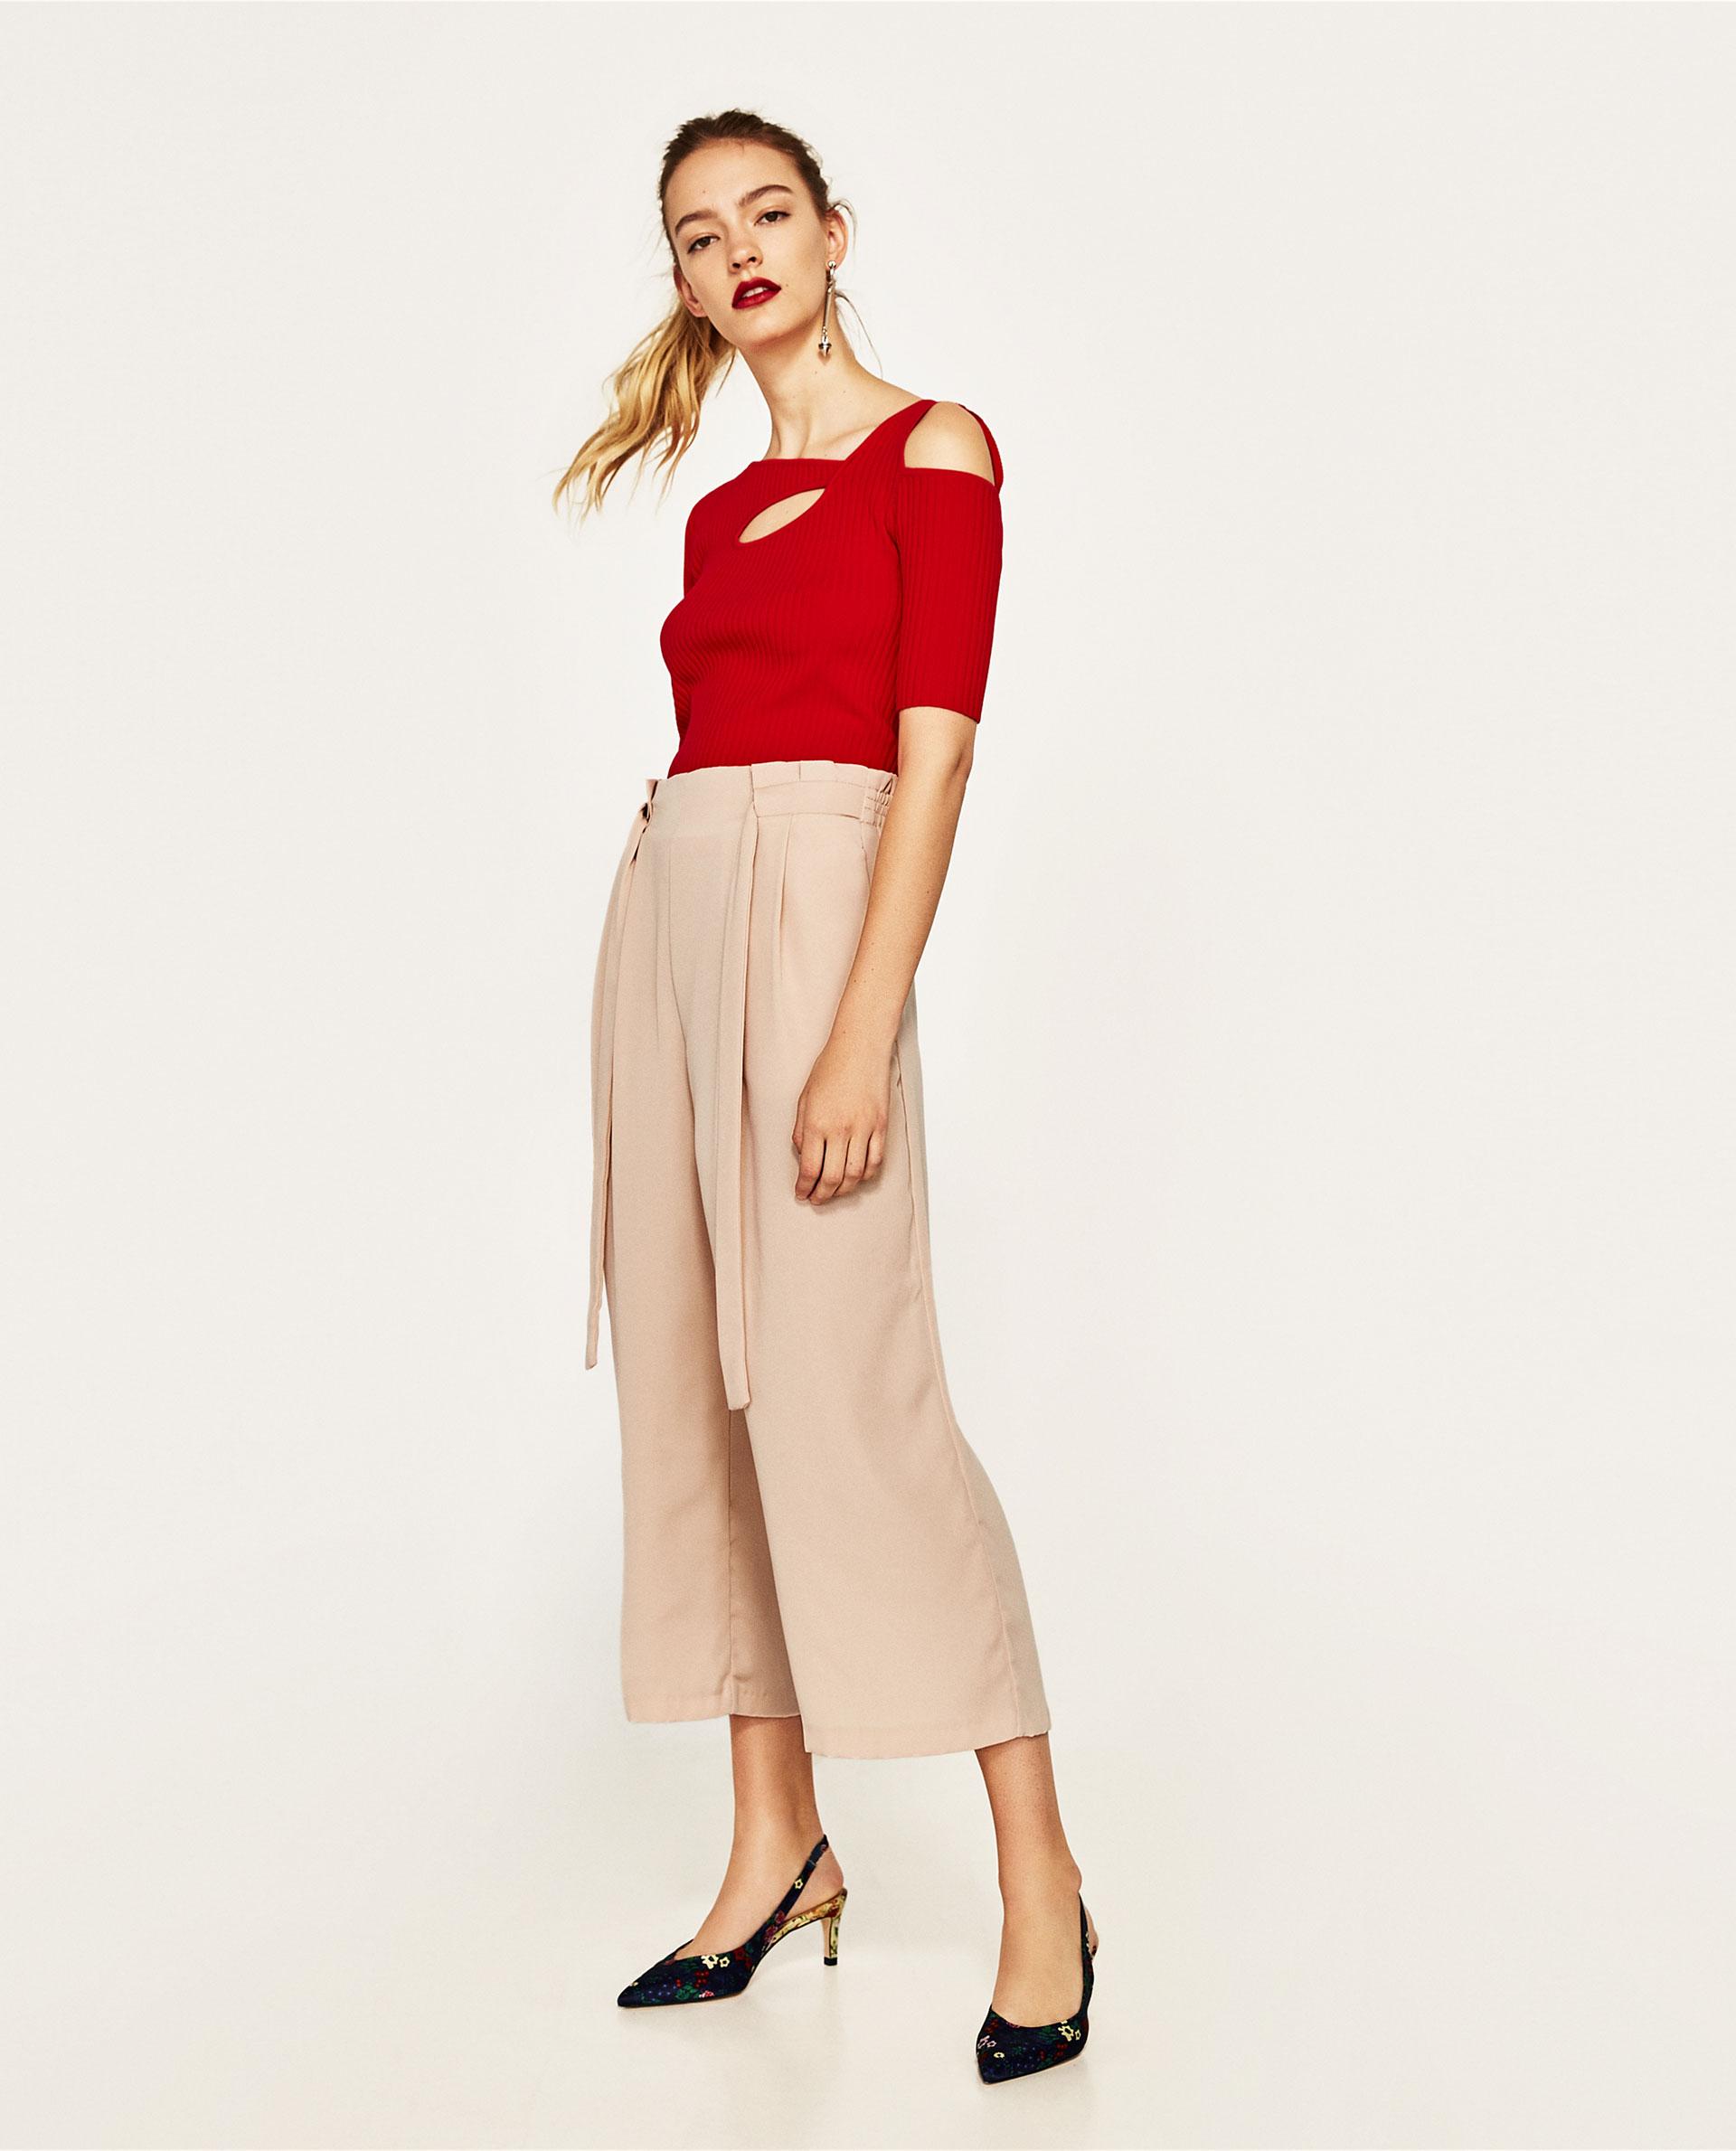 Pantaloni con vita paper bag Zara rosa cipria